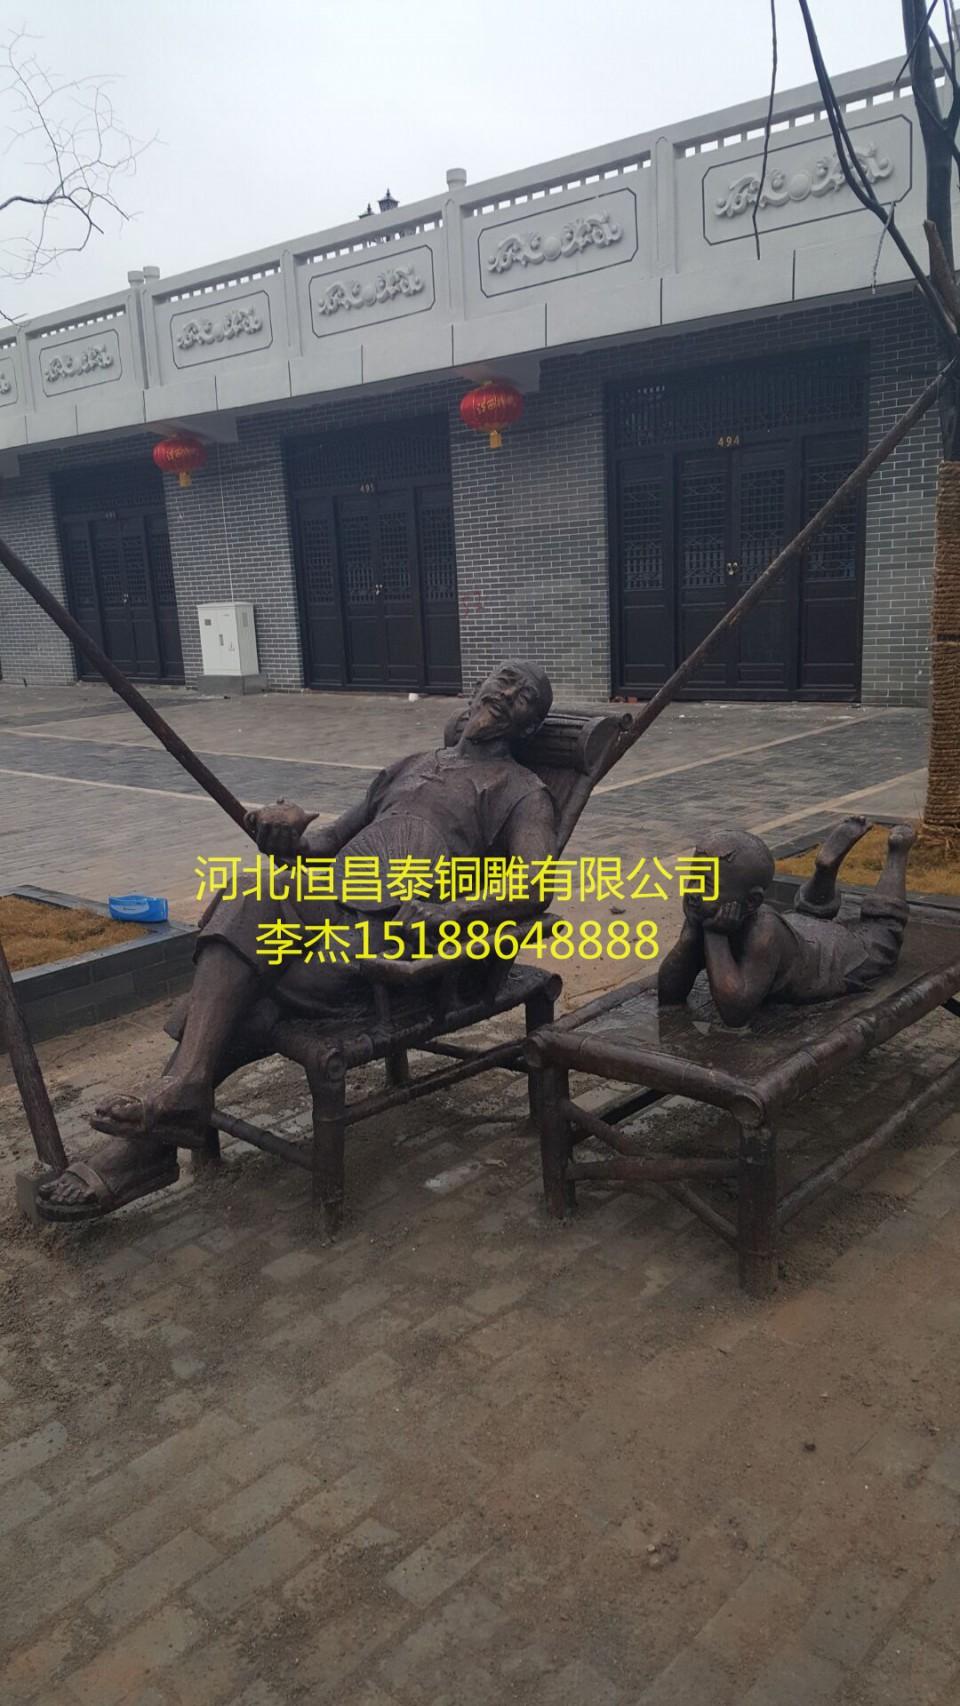 祖孙俩人物  一家人雕塑  捕鱼人物